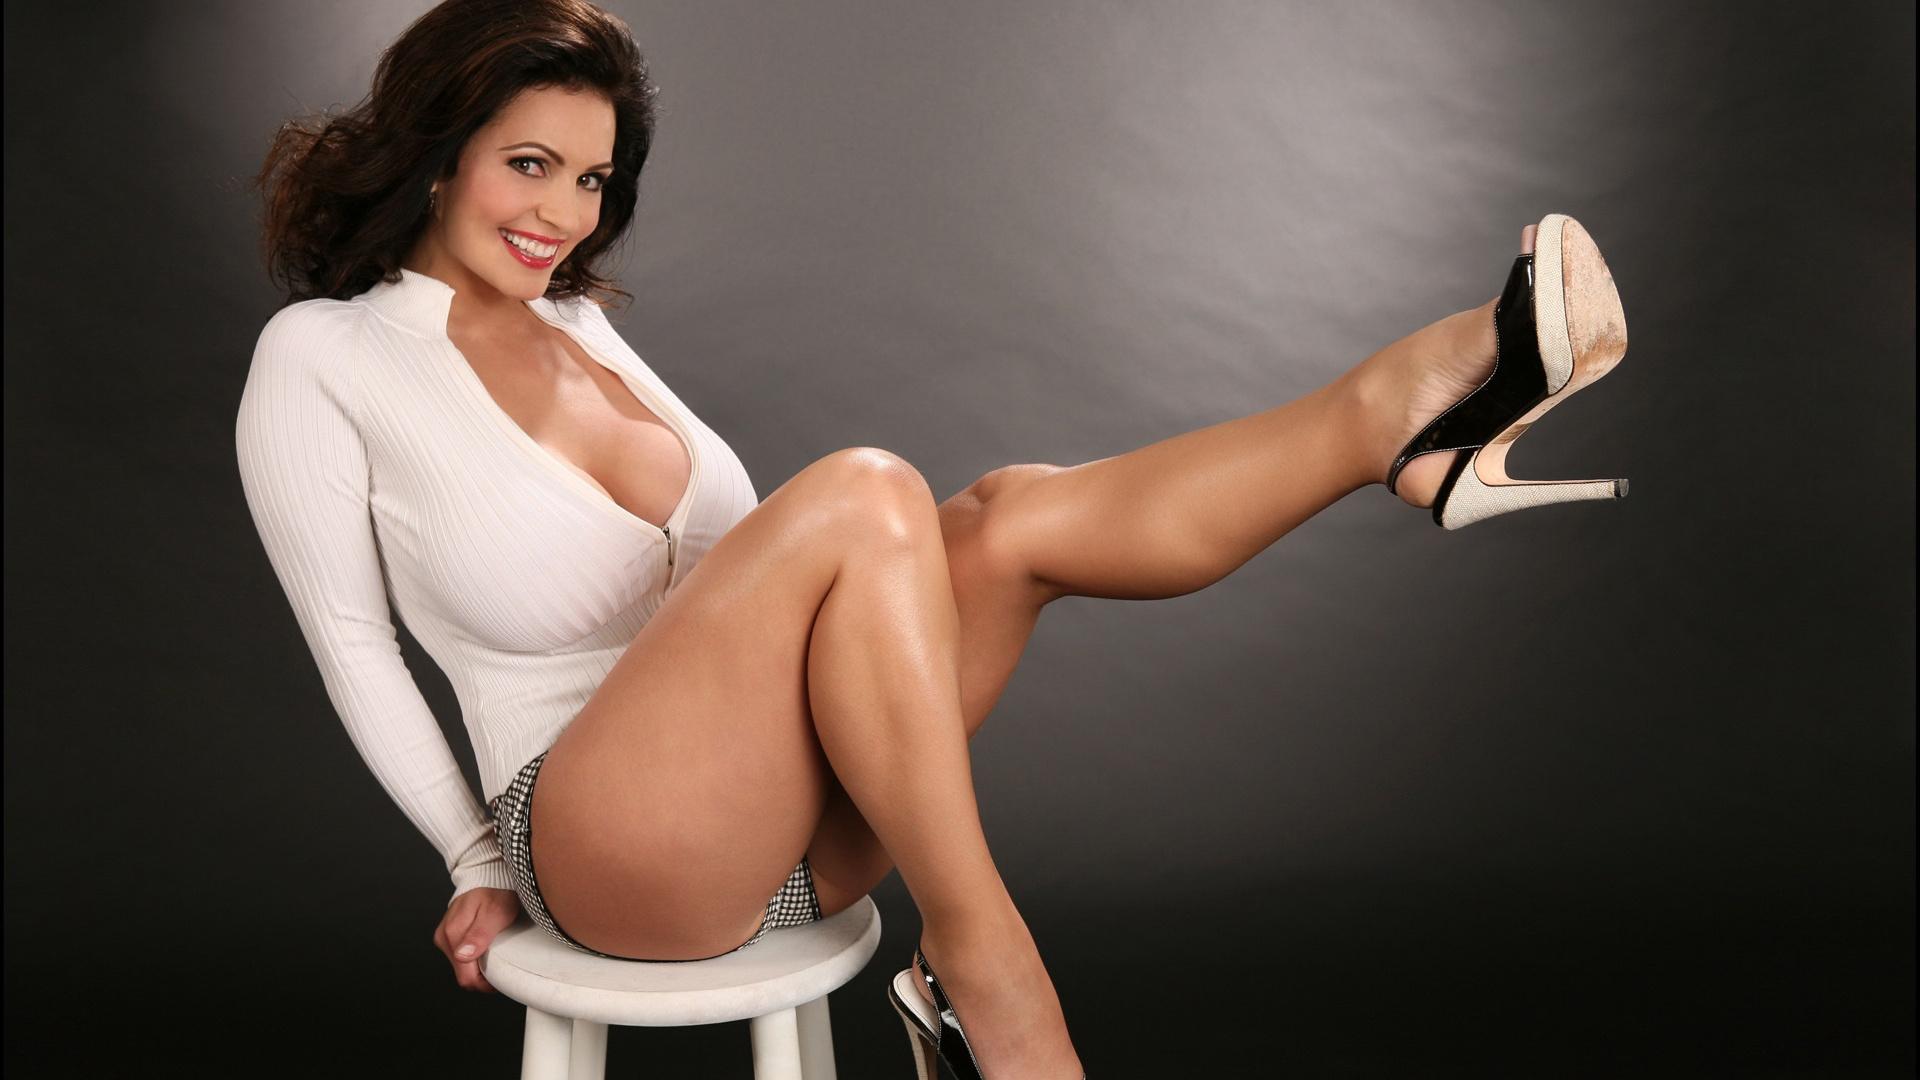 Секс с девушки с шикарными формами, Порно красотки - очень красивые девушки 1 фотография